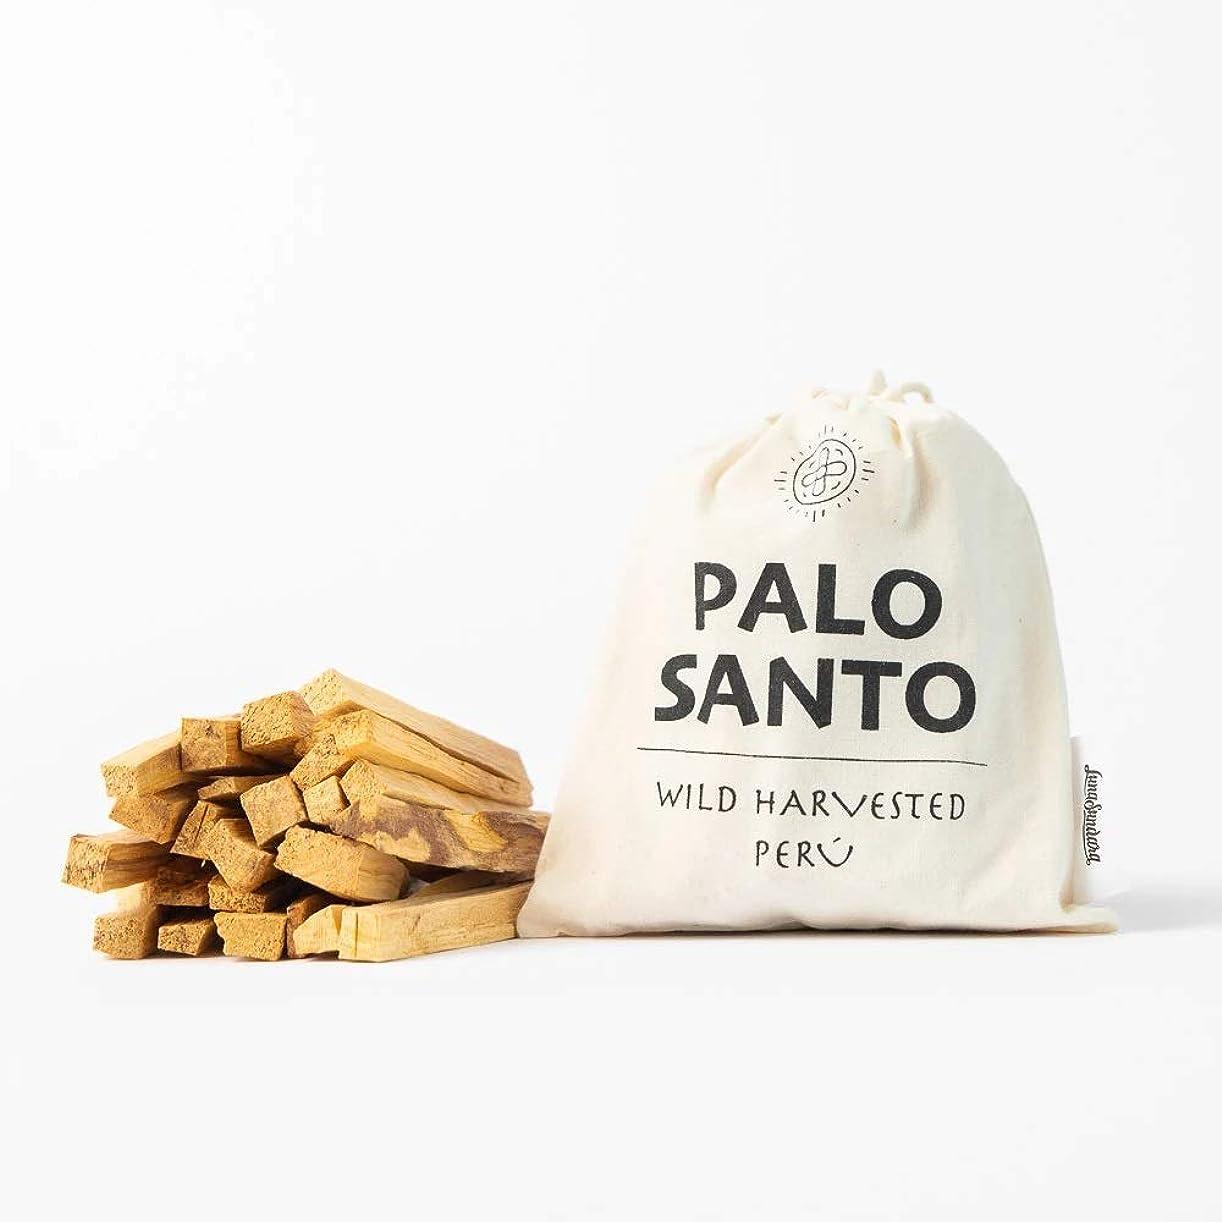 わがままバウンド誇大妄想ルナスンダラ (Luna Sundara) Palo Santo Smudging Sticks パロサント スマッジングスティック香木[100g入りBag]